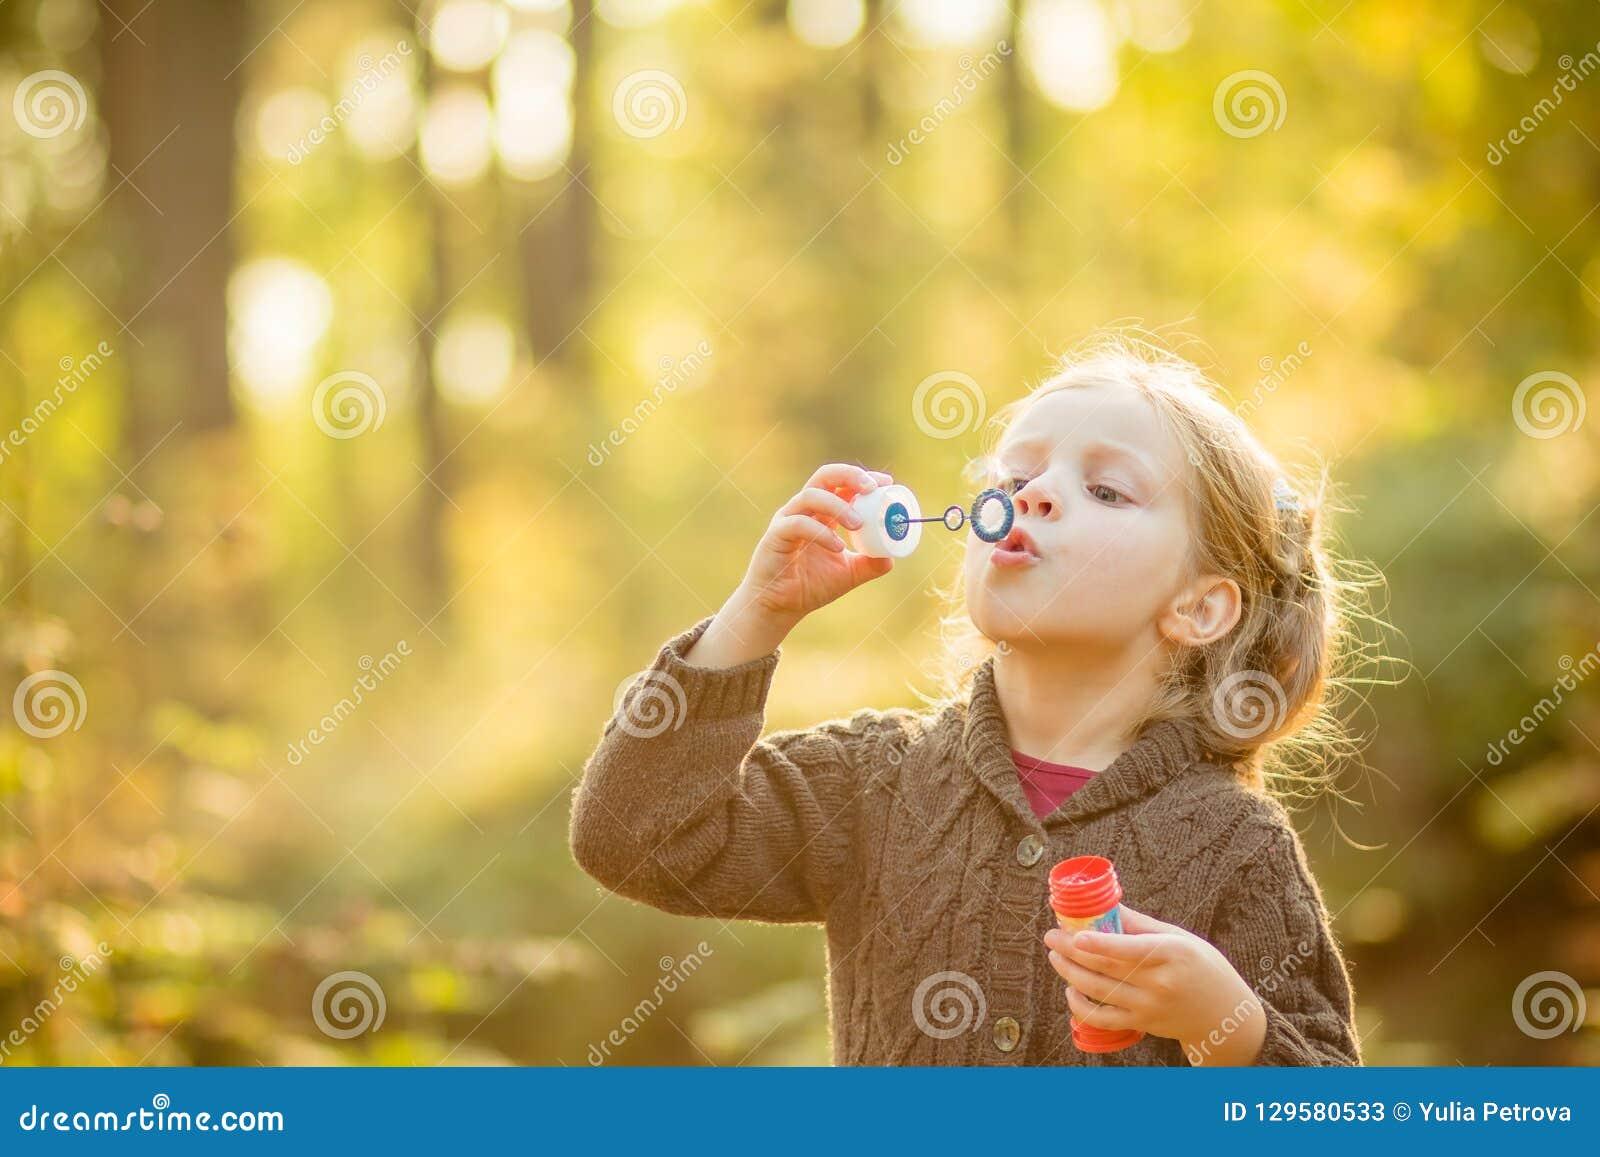 滑稽的可爱的小女孩吹的肥皂泡画象  黄色被编织的外套的逗人喜爱的白肤金发的蓝眼睛的女孩在